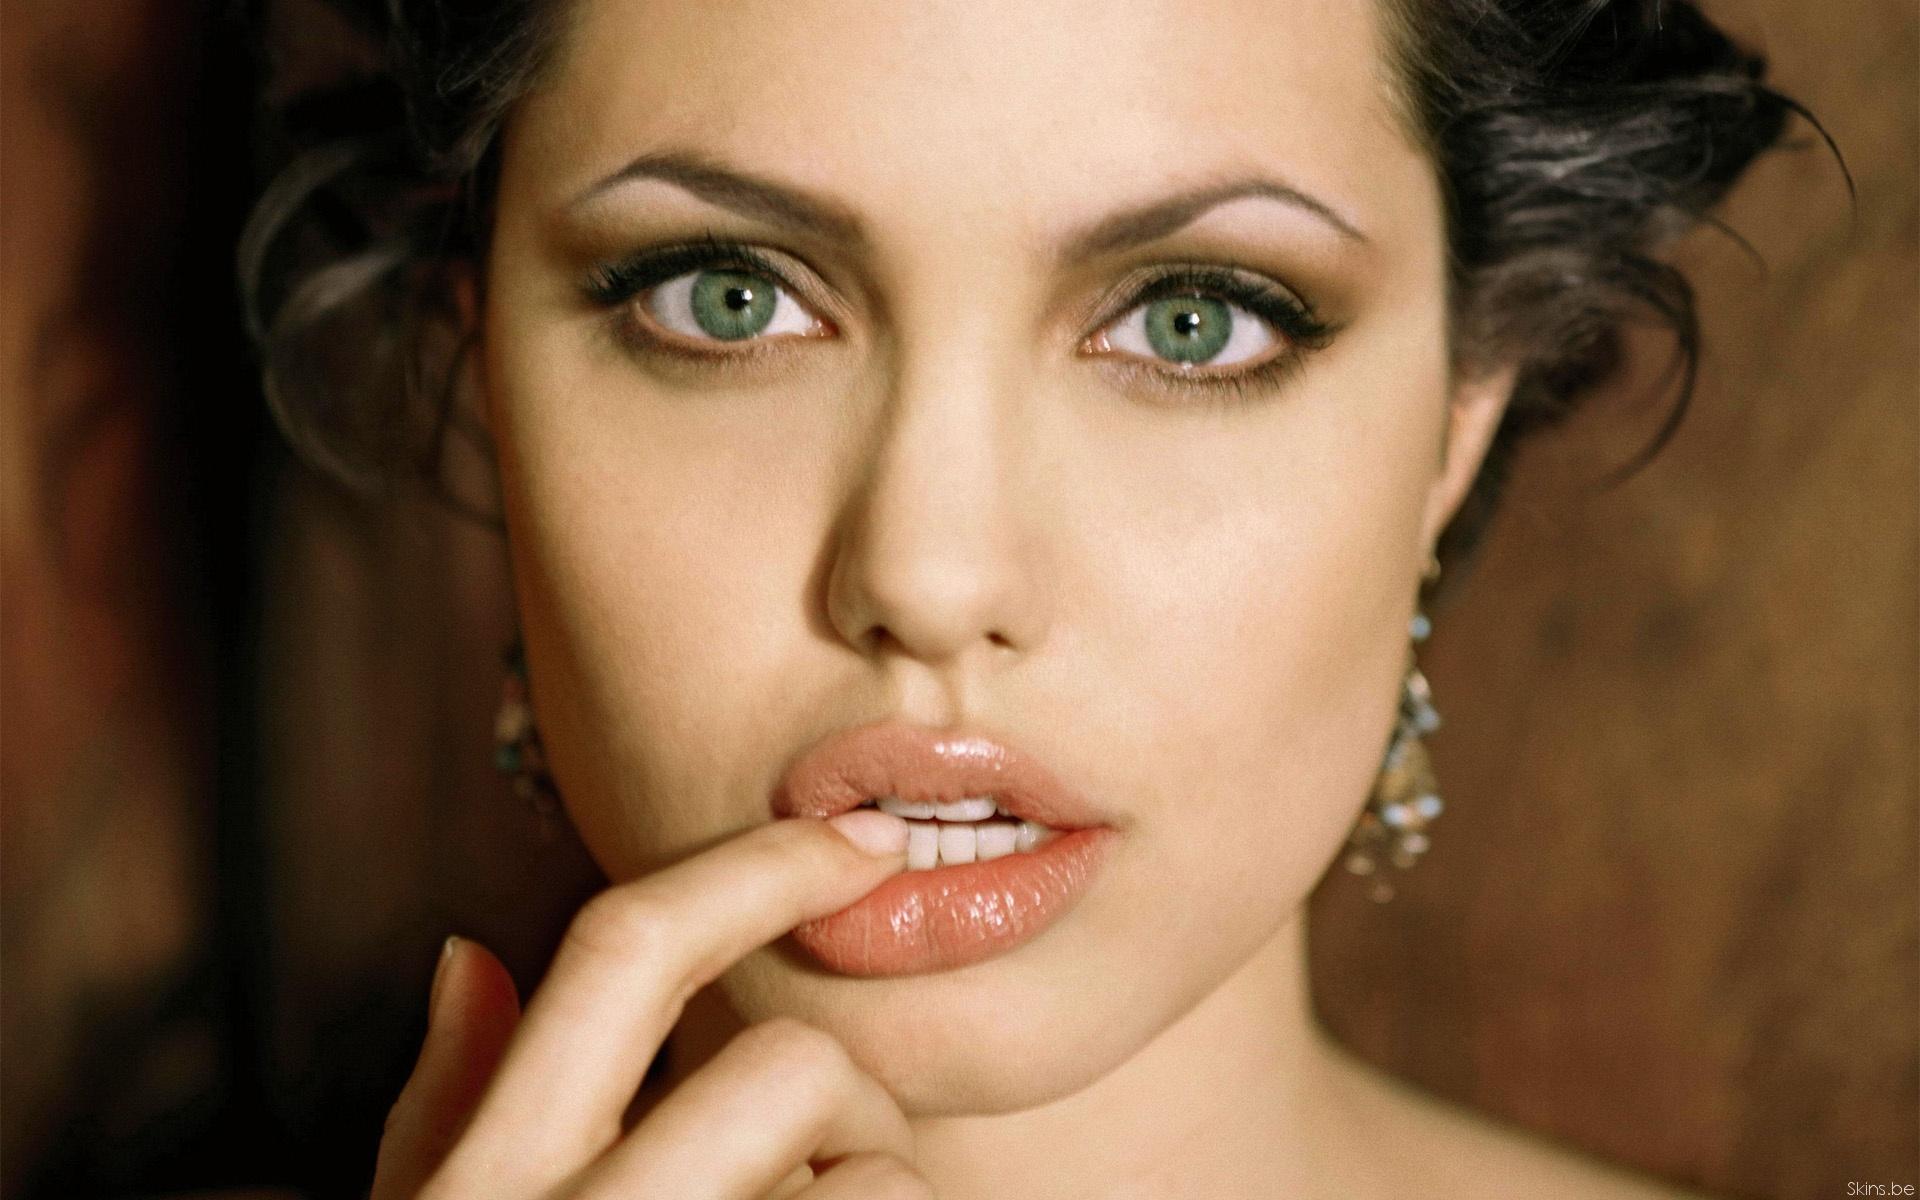 Смотреть 4 бесплатных способа увеличить губы вдомашних условиях видео